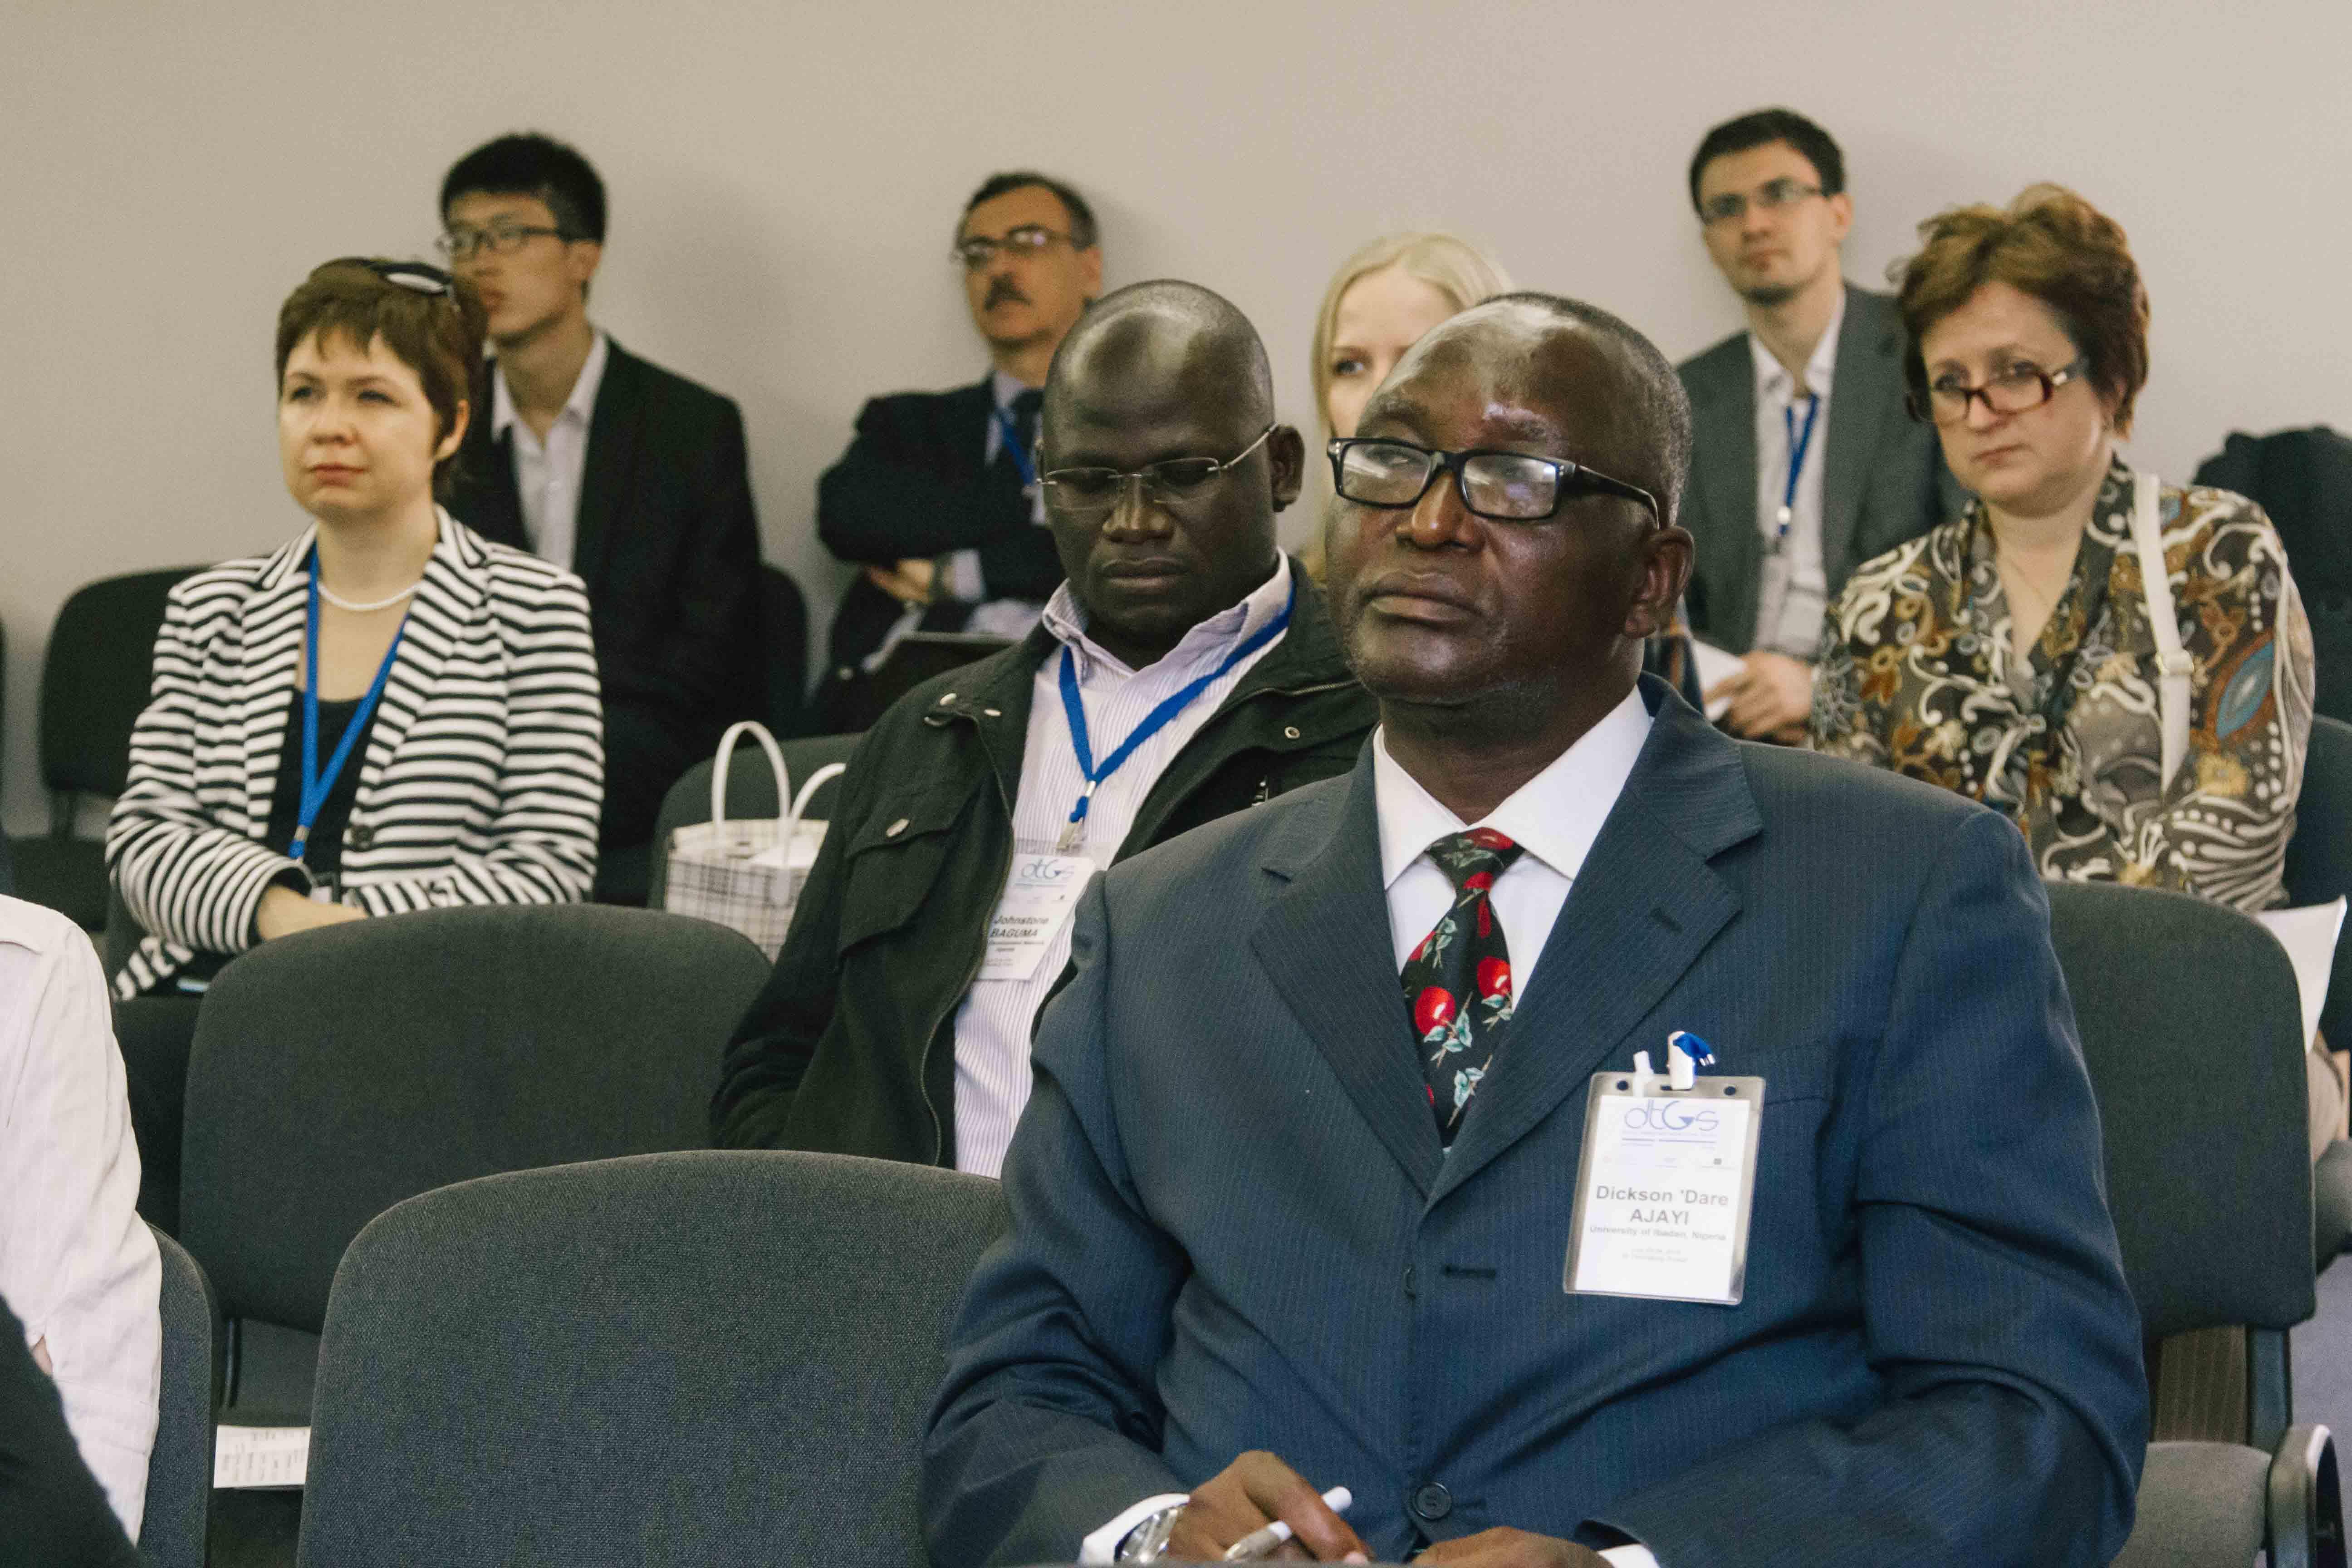 Университет ИТМО. Конференция «Цифровые трансформации и глобальное общество»